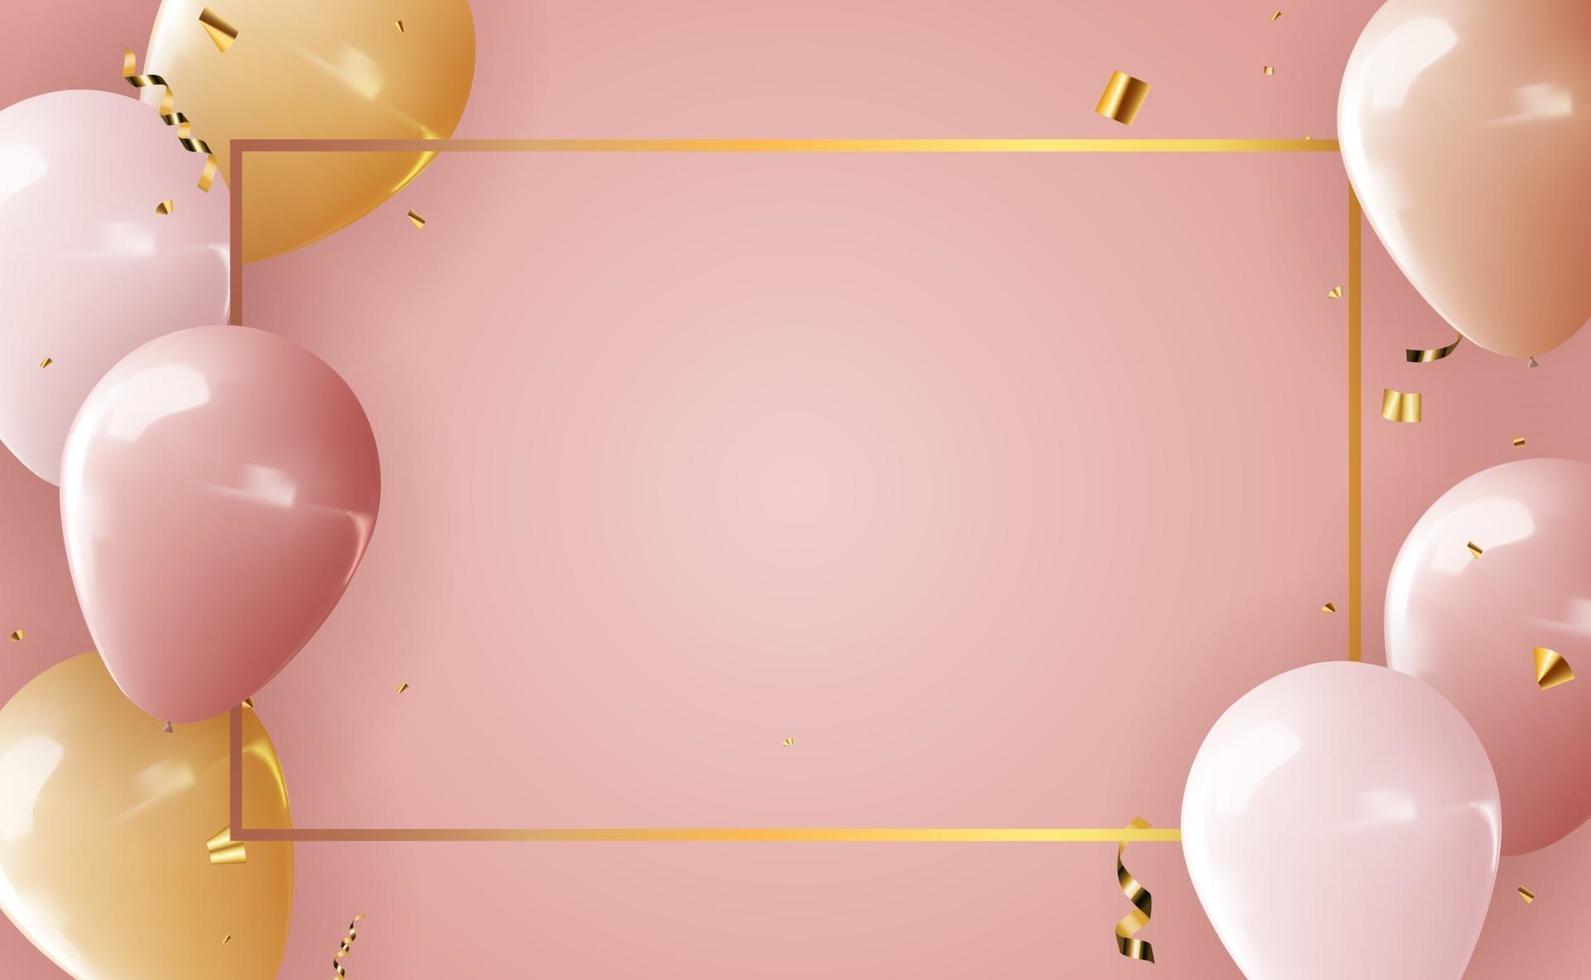 sfondo di palloncini 3d realistici per festa, vacanza, compleanno, carta di promozione, poster. illustrazione vettoriale